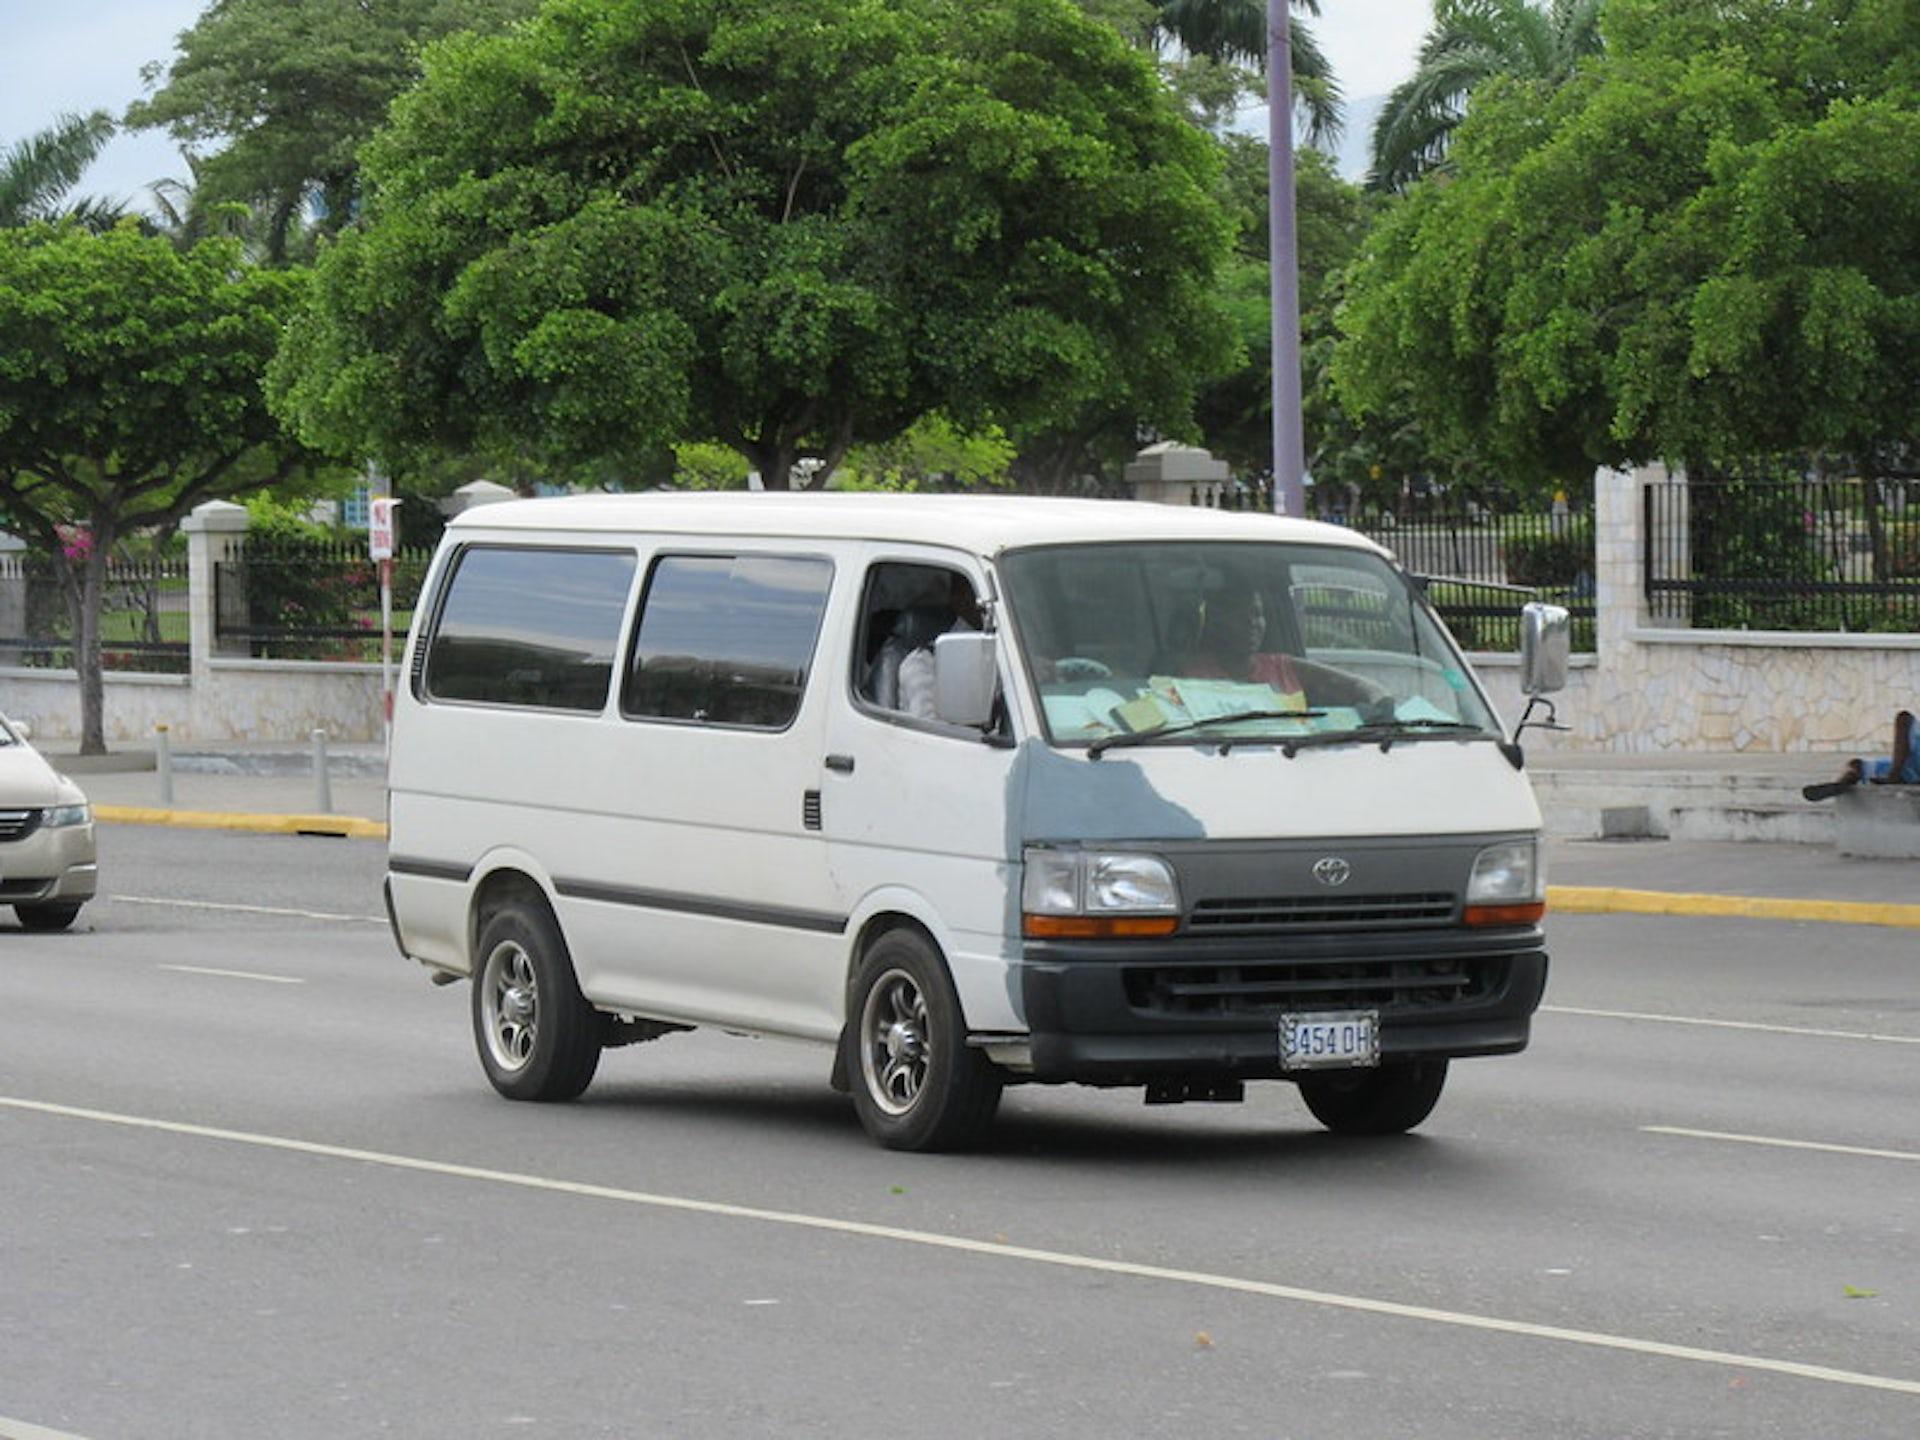 An old, white white Toyota minibus on a public road.